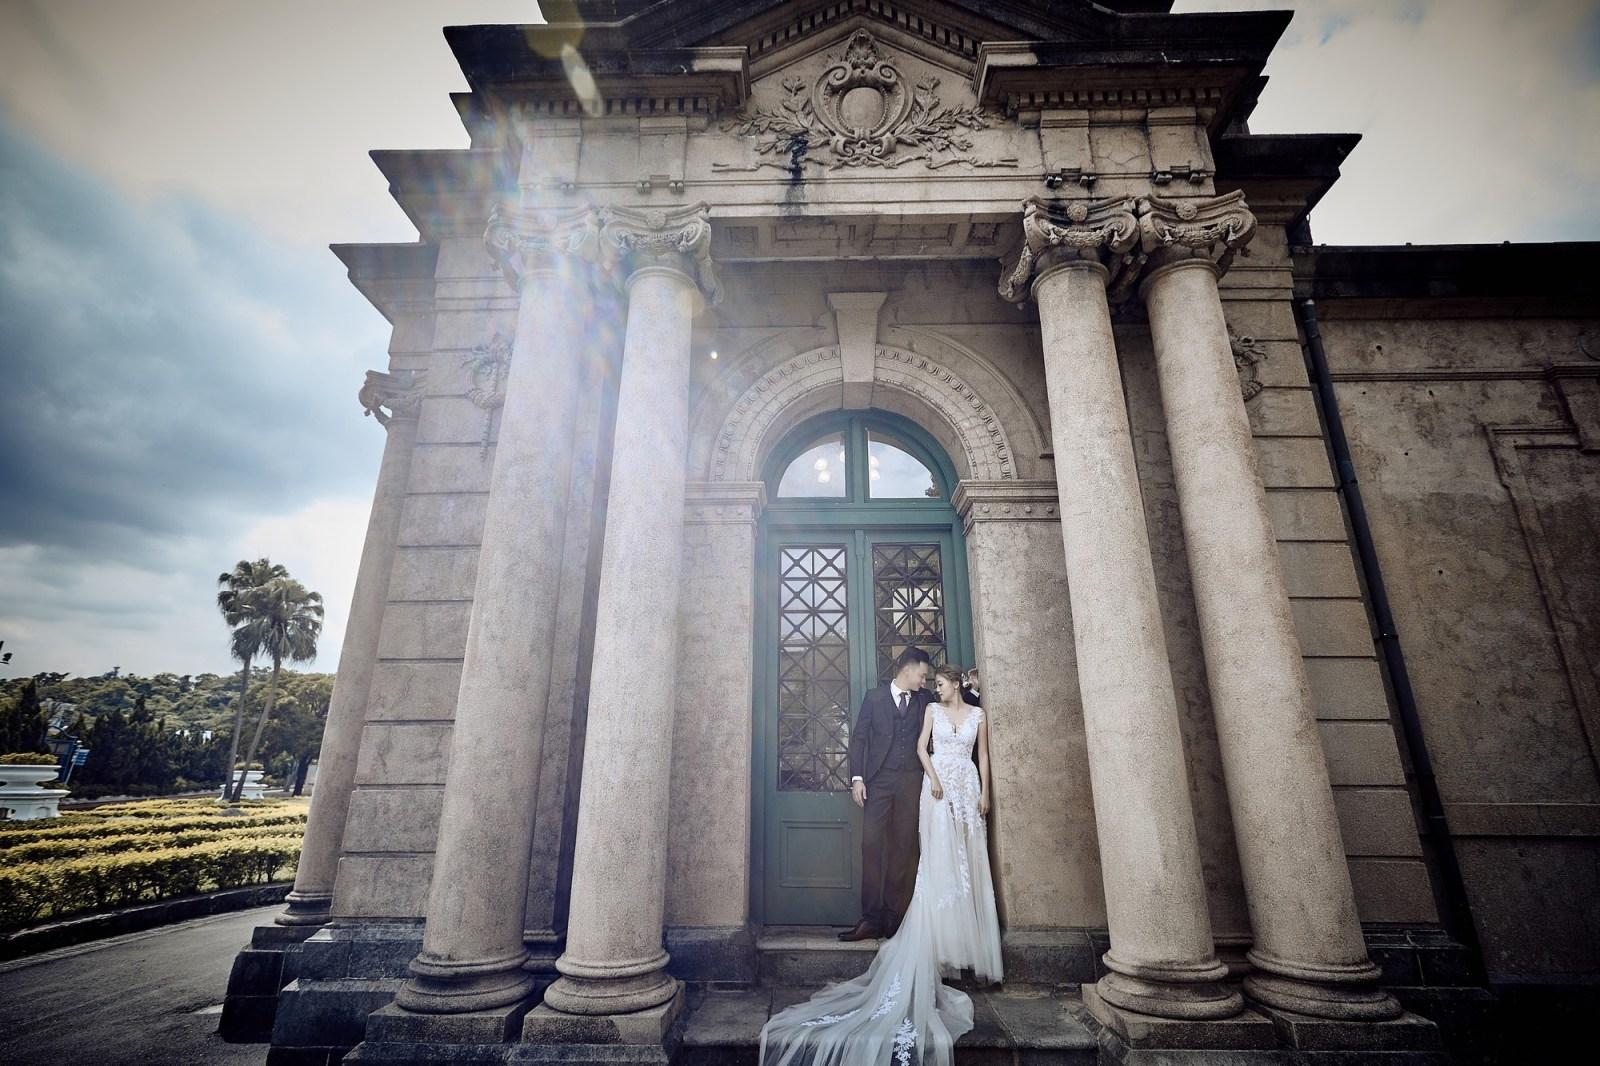 海外婚紗,旅拍婚紗,婚紗照風格,自助婚紗